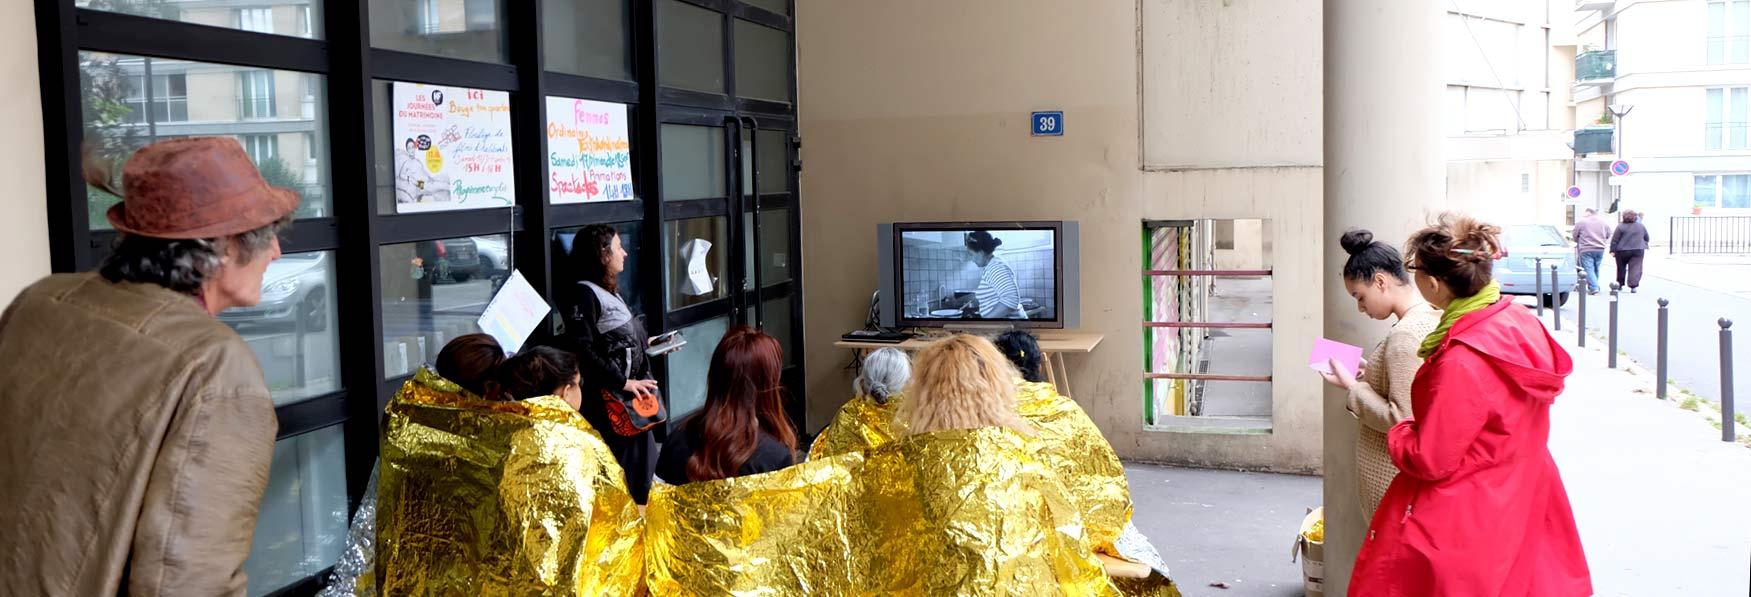 Projection de film en plain air avec des couvertures de survie